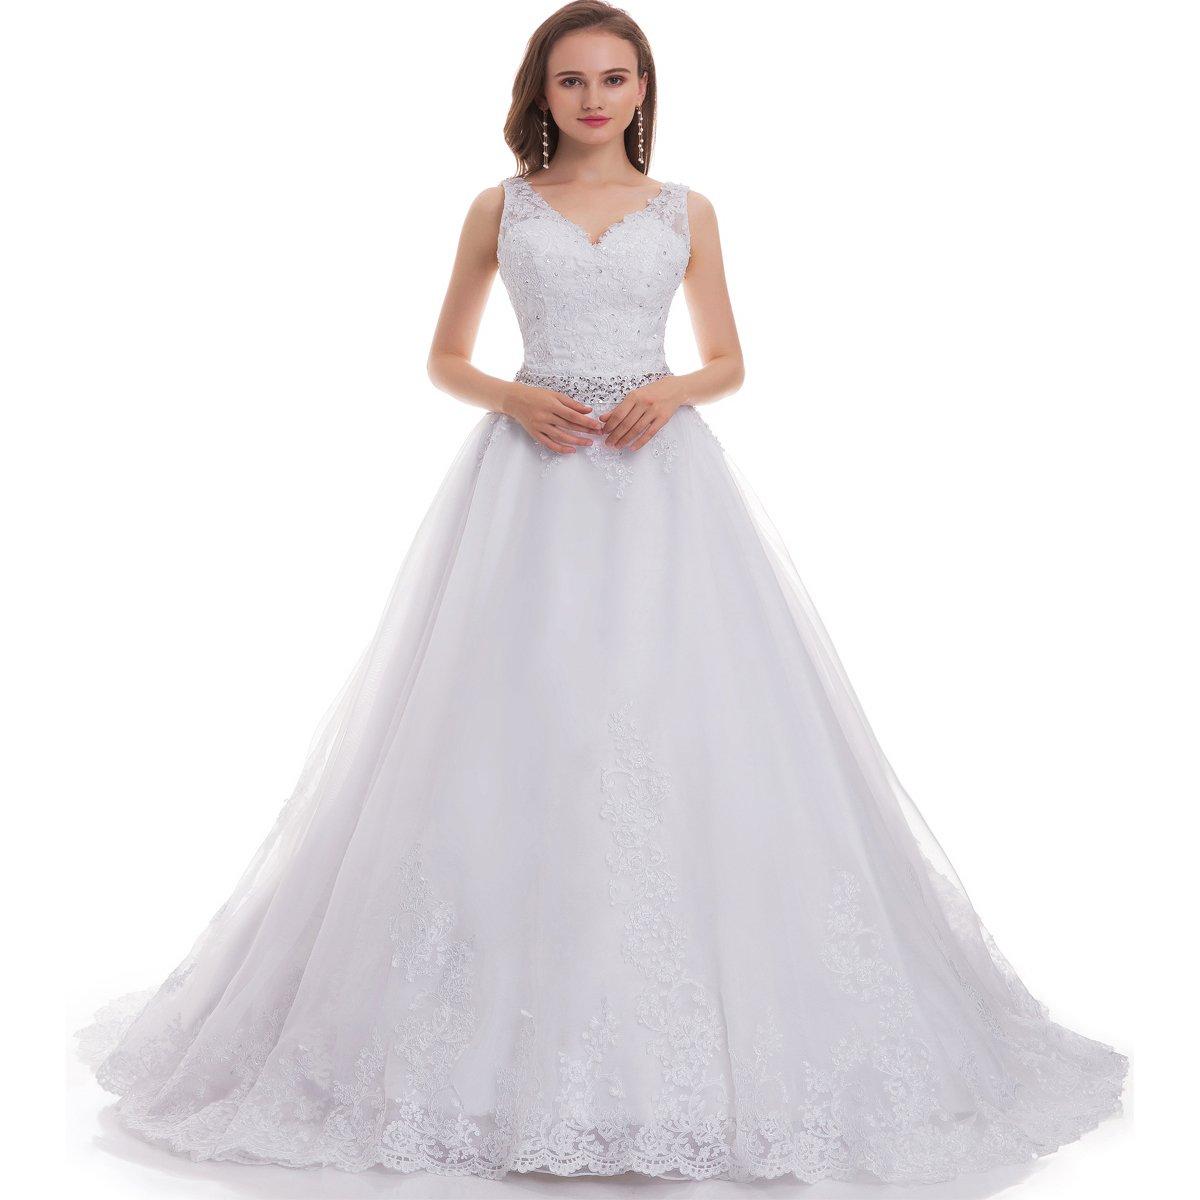 Fair Lady Women's Double V-Neck Lace Applique Empire Chapel Train Wedding Dress White 4